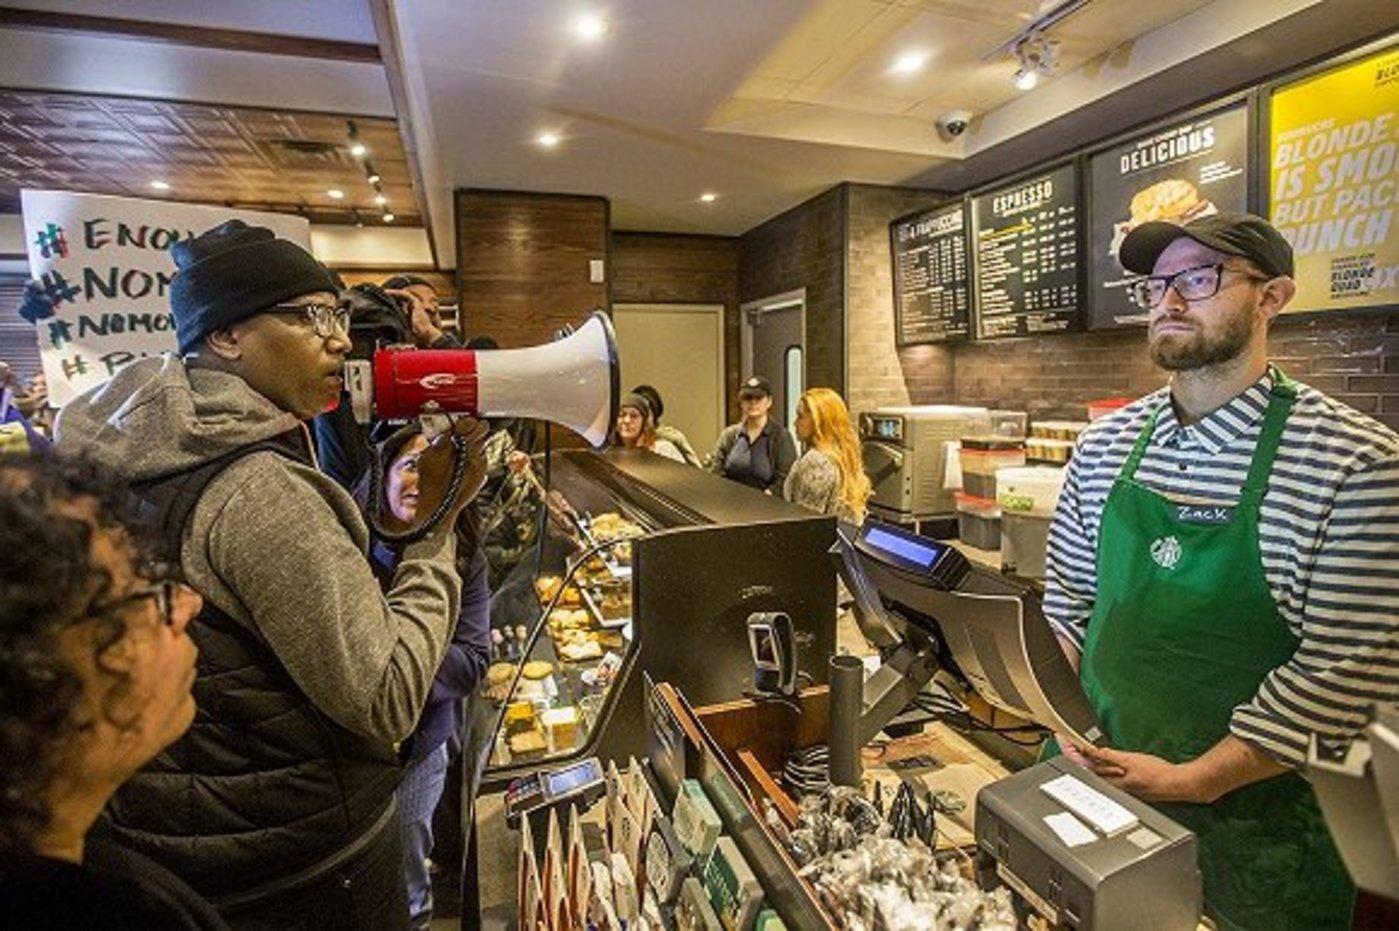 费城事件之后星巴克门店内的抗议